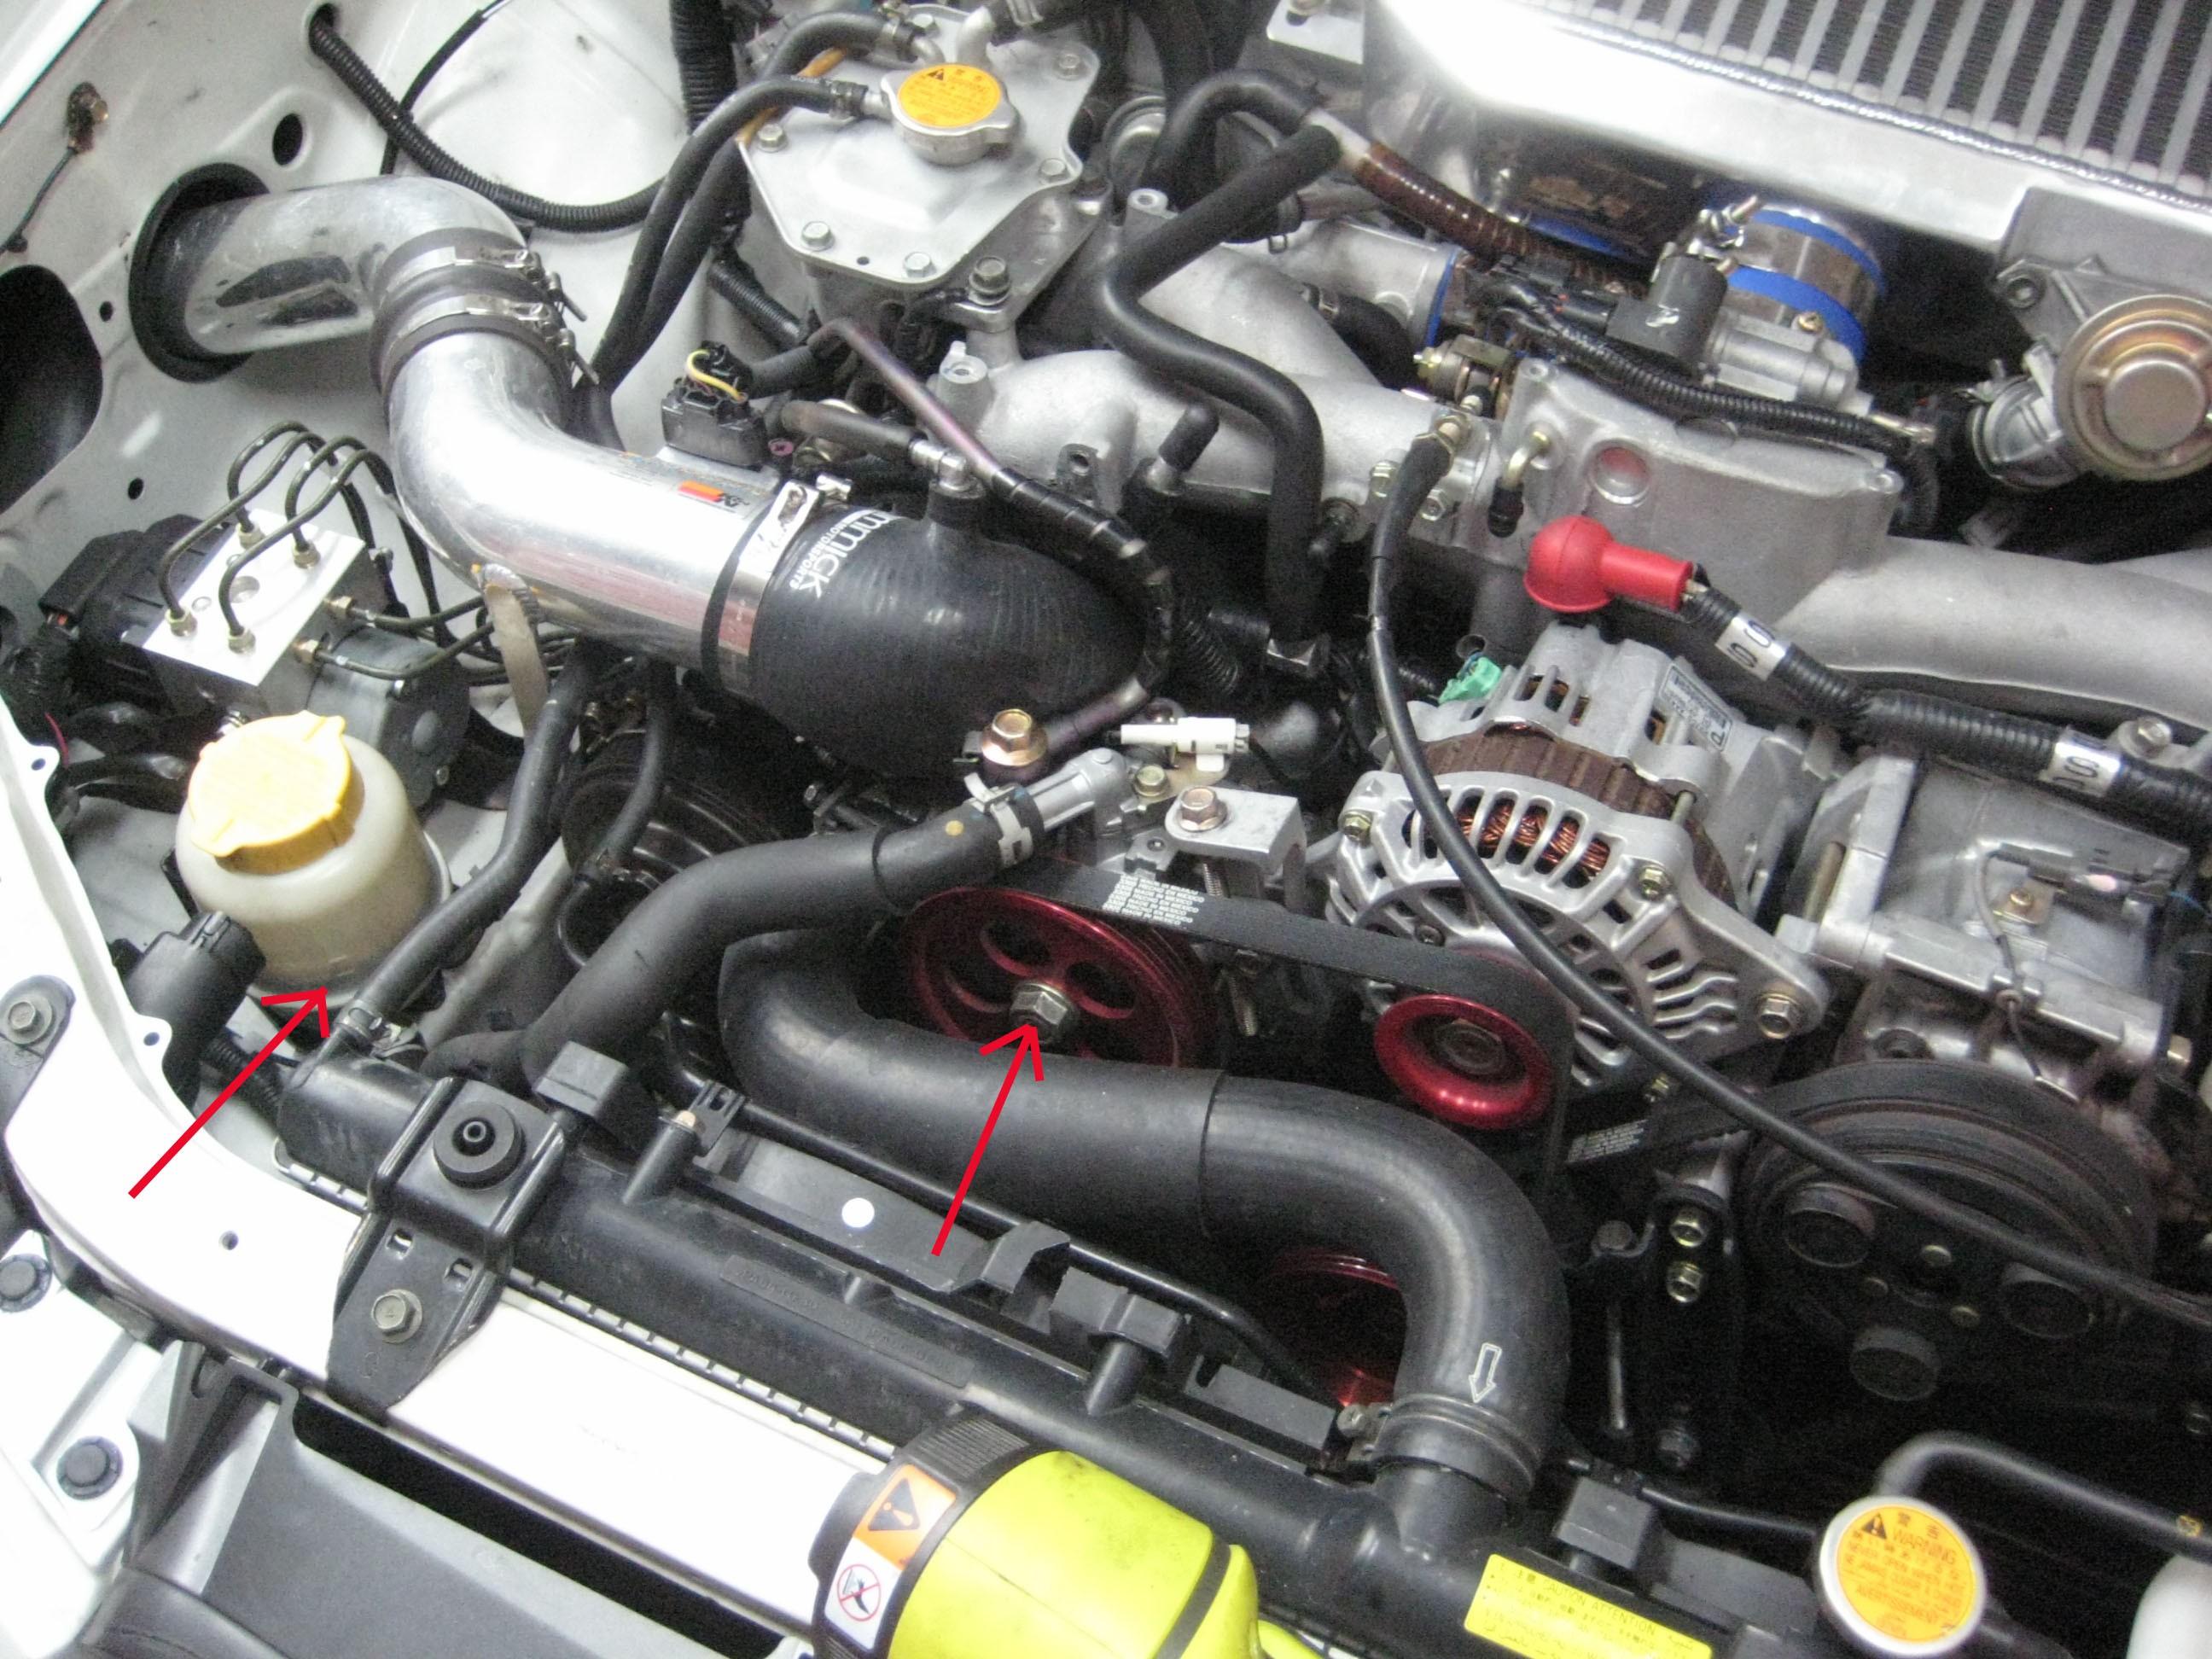 Wiring Diagram 2003 Mitsubishi Lancer Get Free Image About Wiring